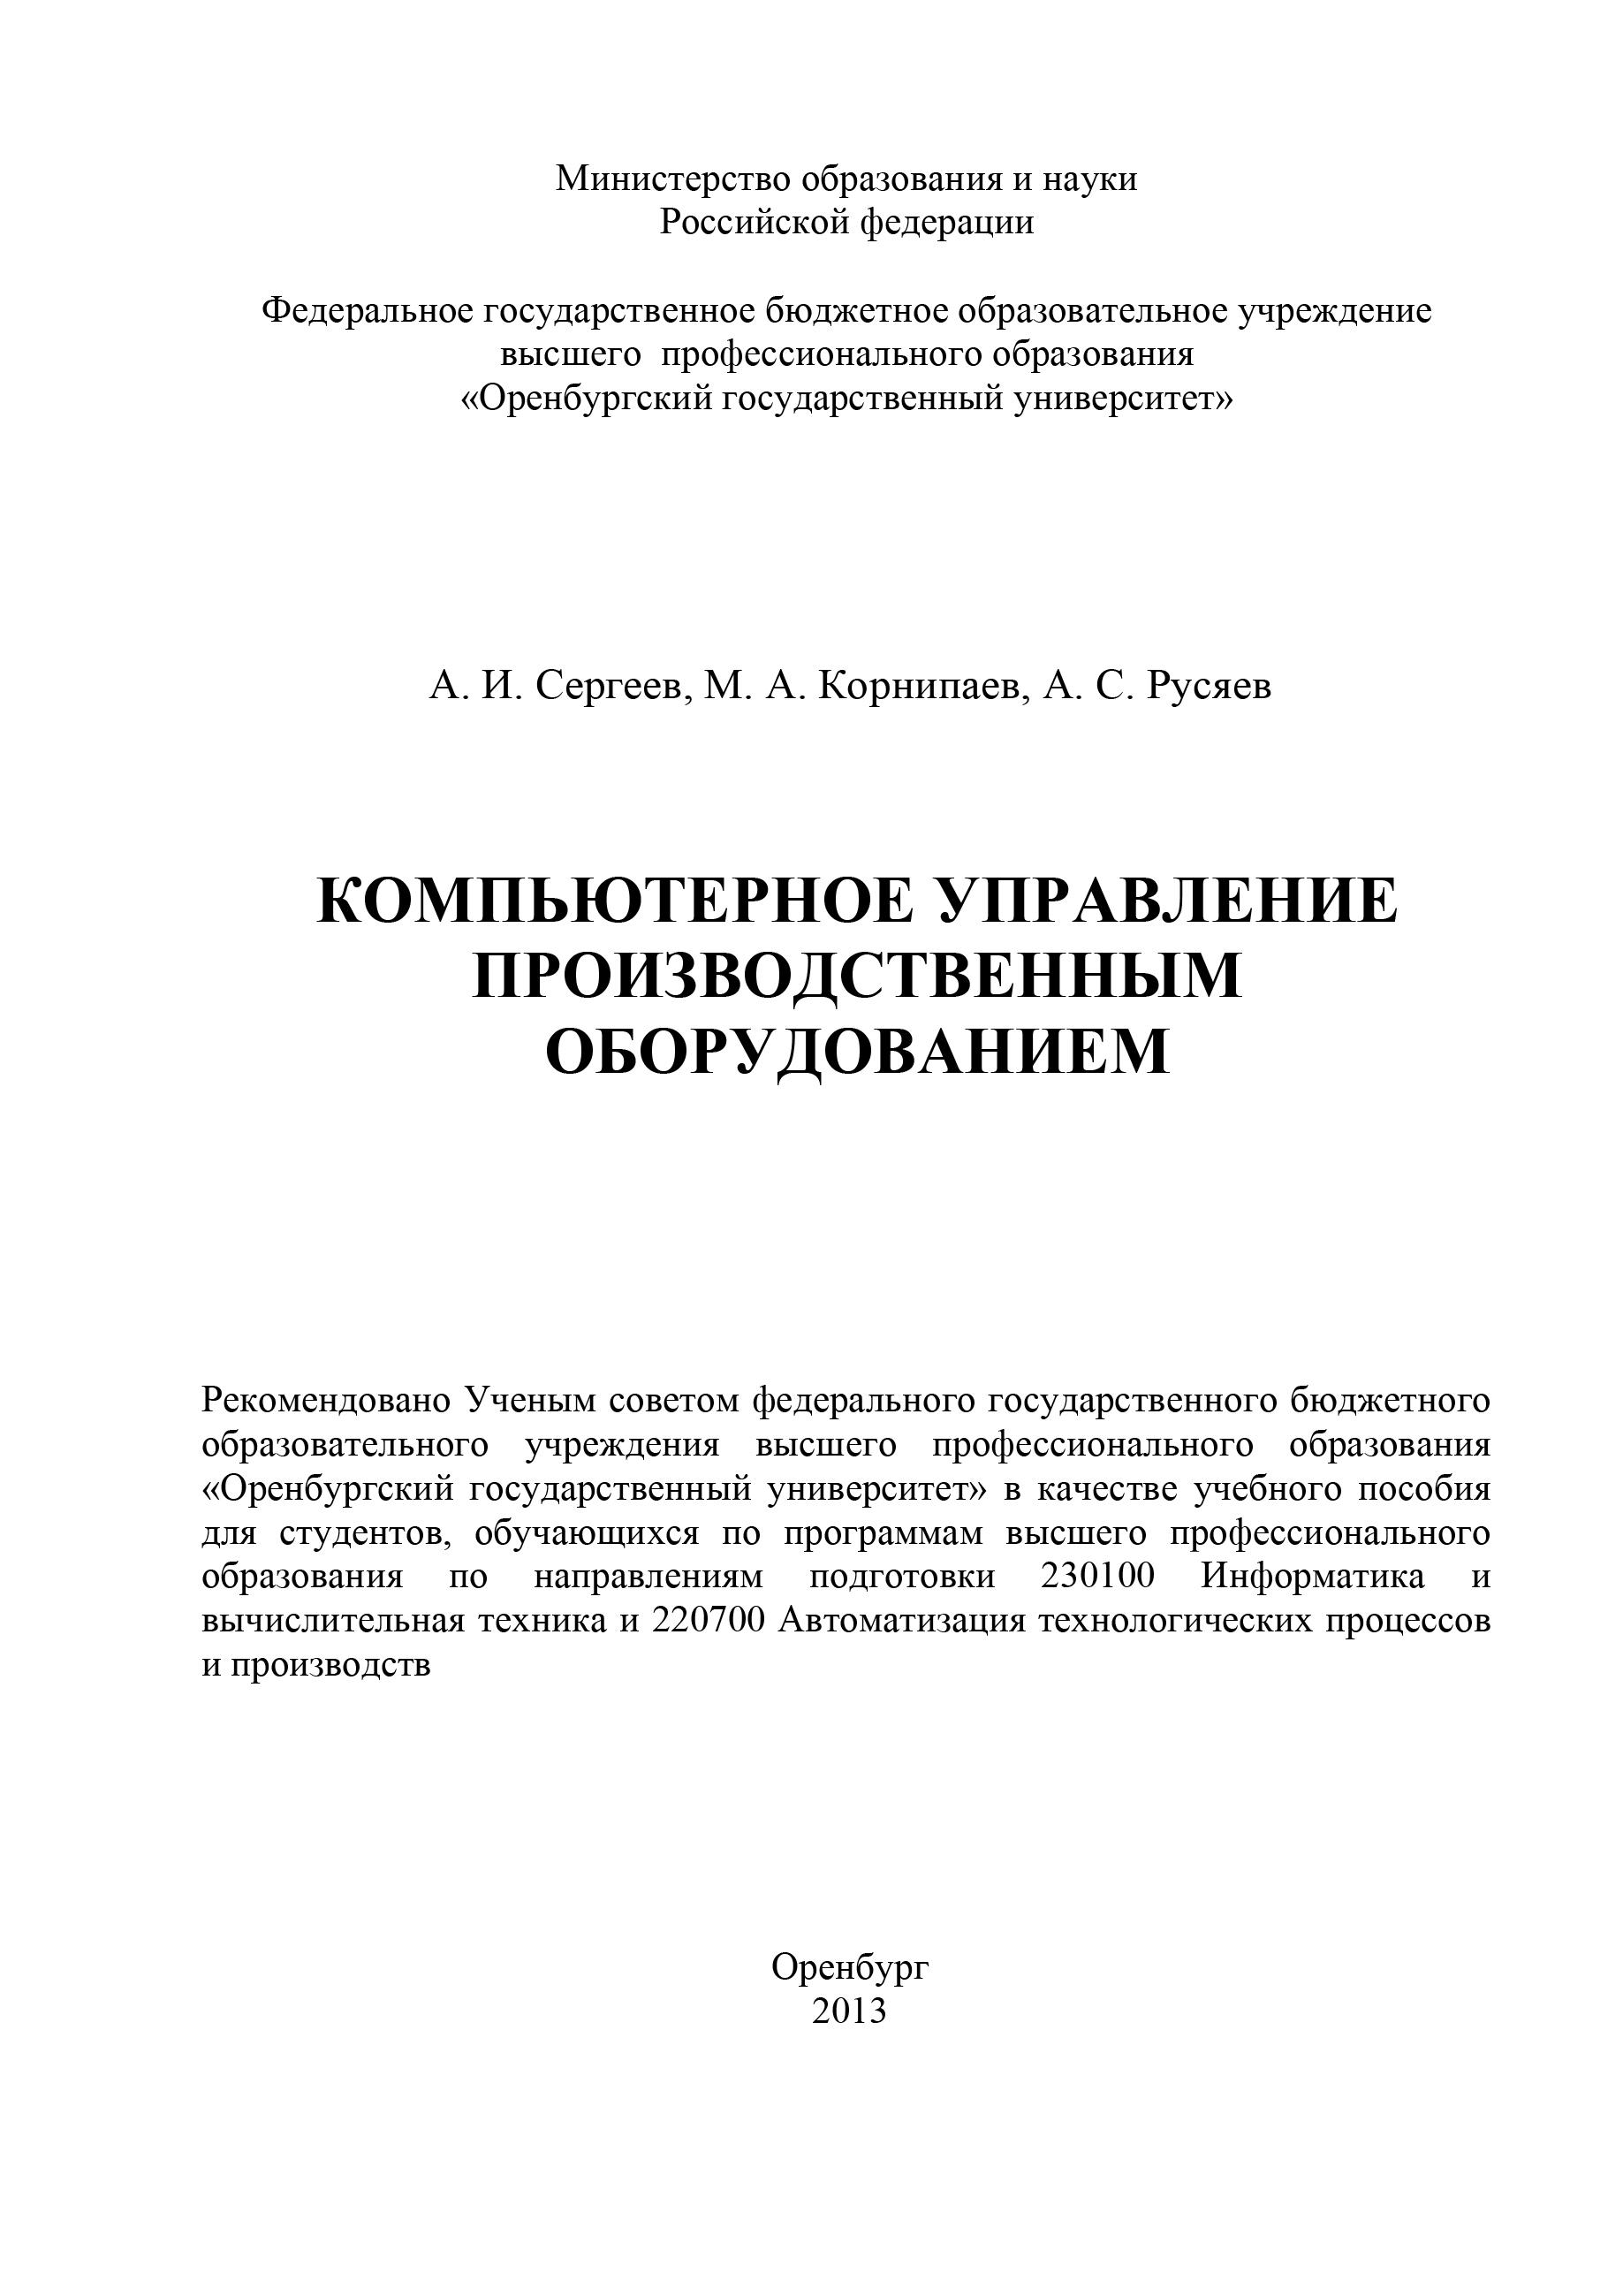 М. Корнипаев Компьютерное управление производственным оборудованием 802d sl 6fc5610 0ba10 0aa1